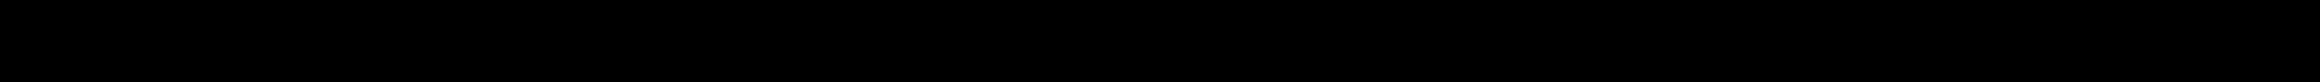 BOSCH 104, 80035, GLP104, 000 159 91 01, A 000 159 91 01 Glühkerze